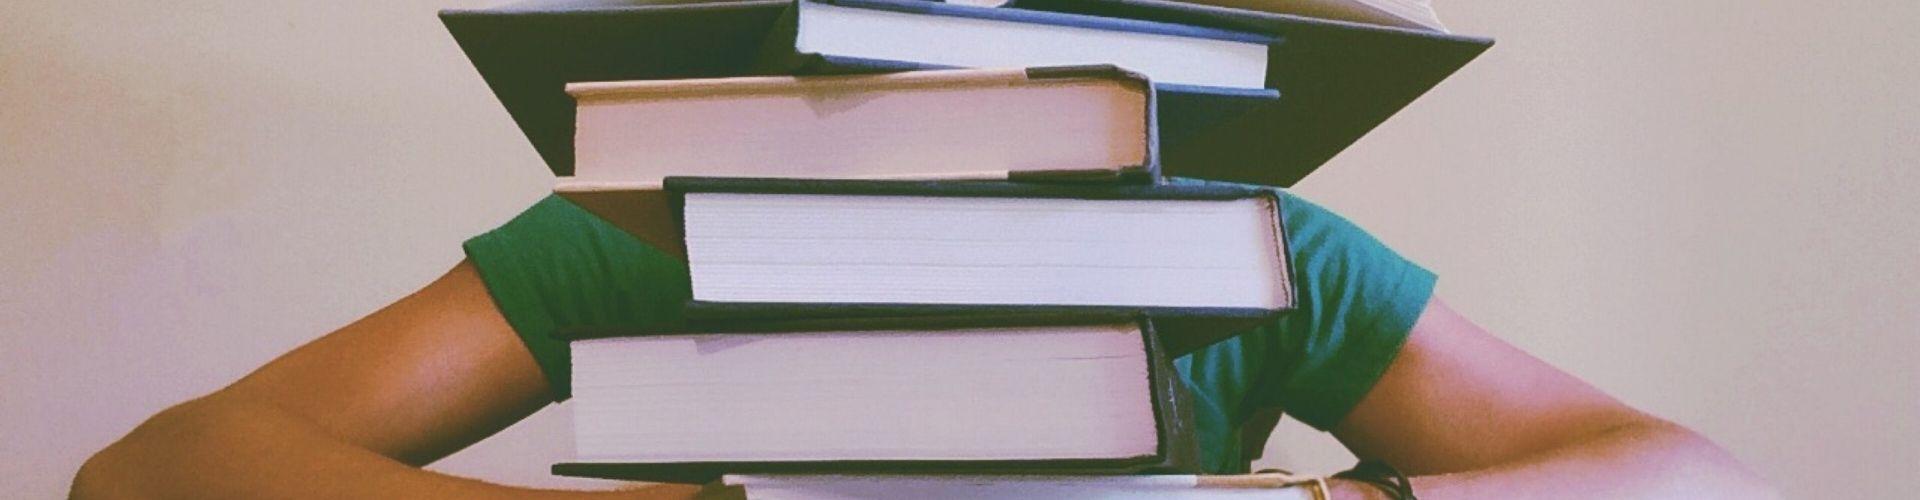 Documentação Prouni 2021: saiba o que é necessário para conseguir a bolsa